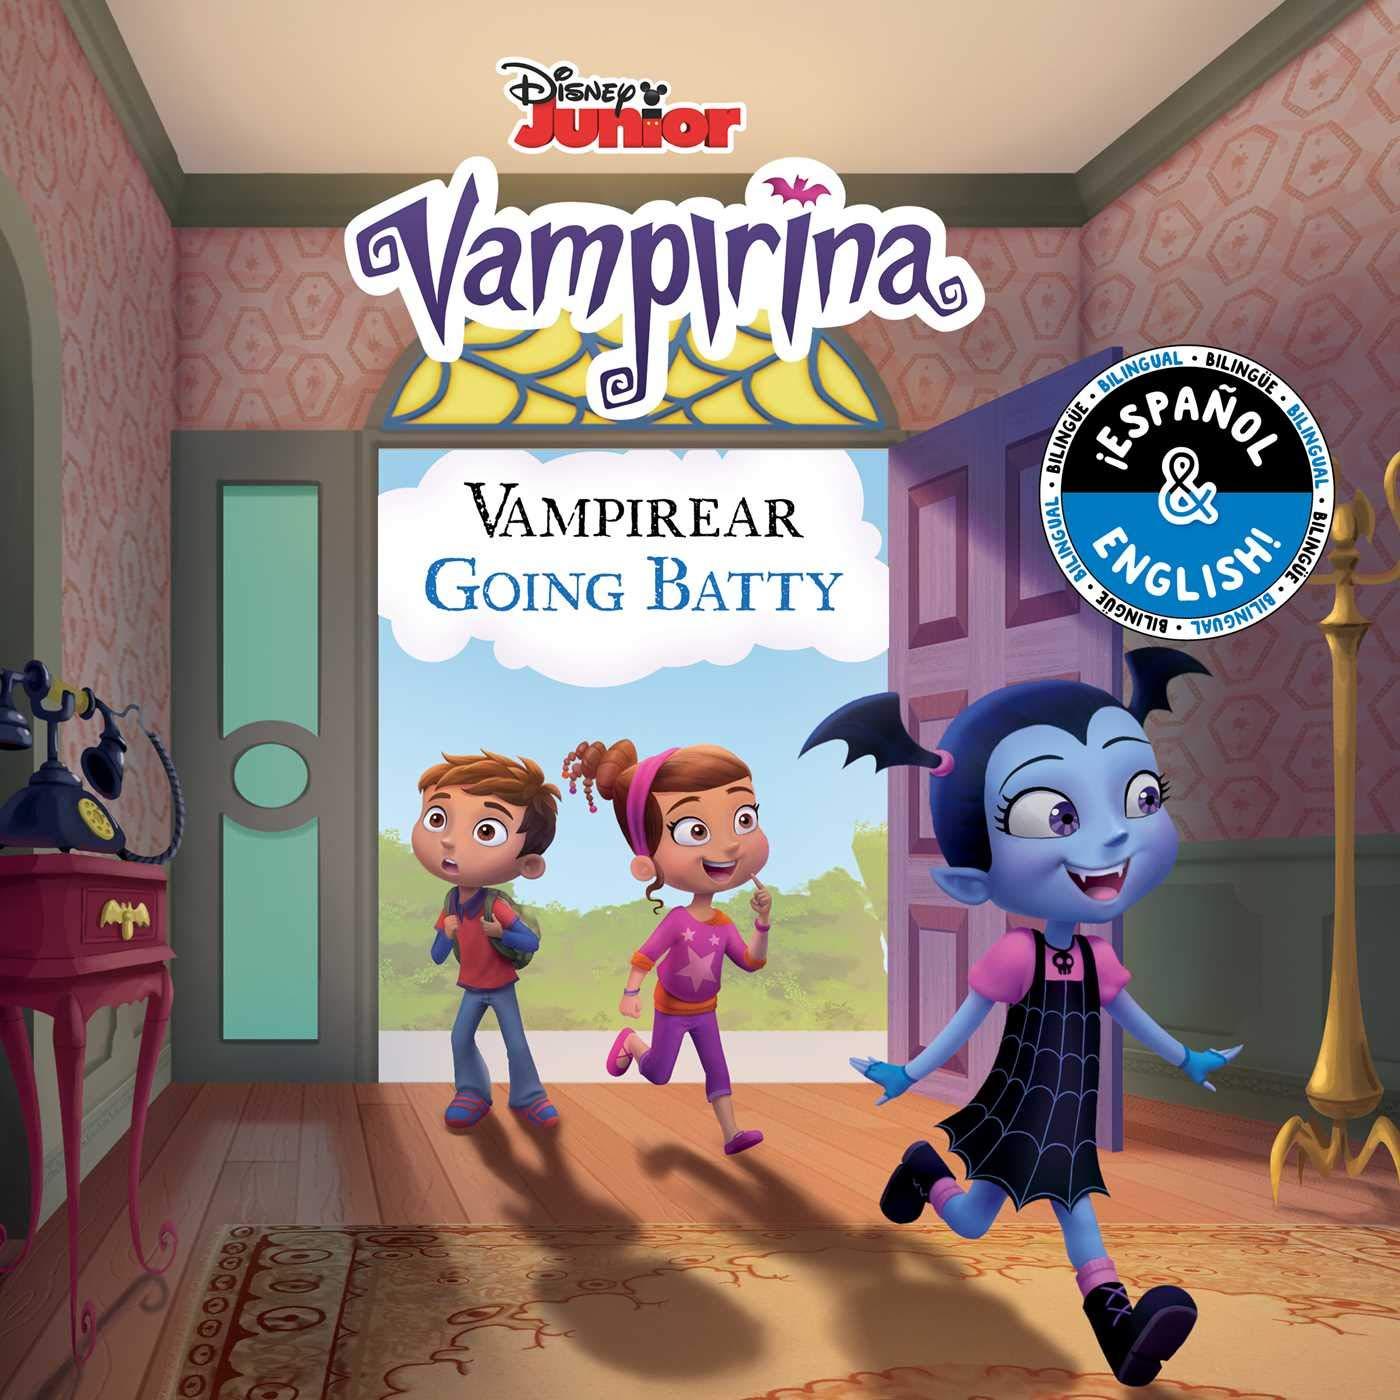 Vampirear: Going Batty: 23 (Vampirina / Vampireando)